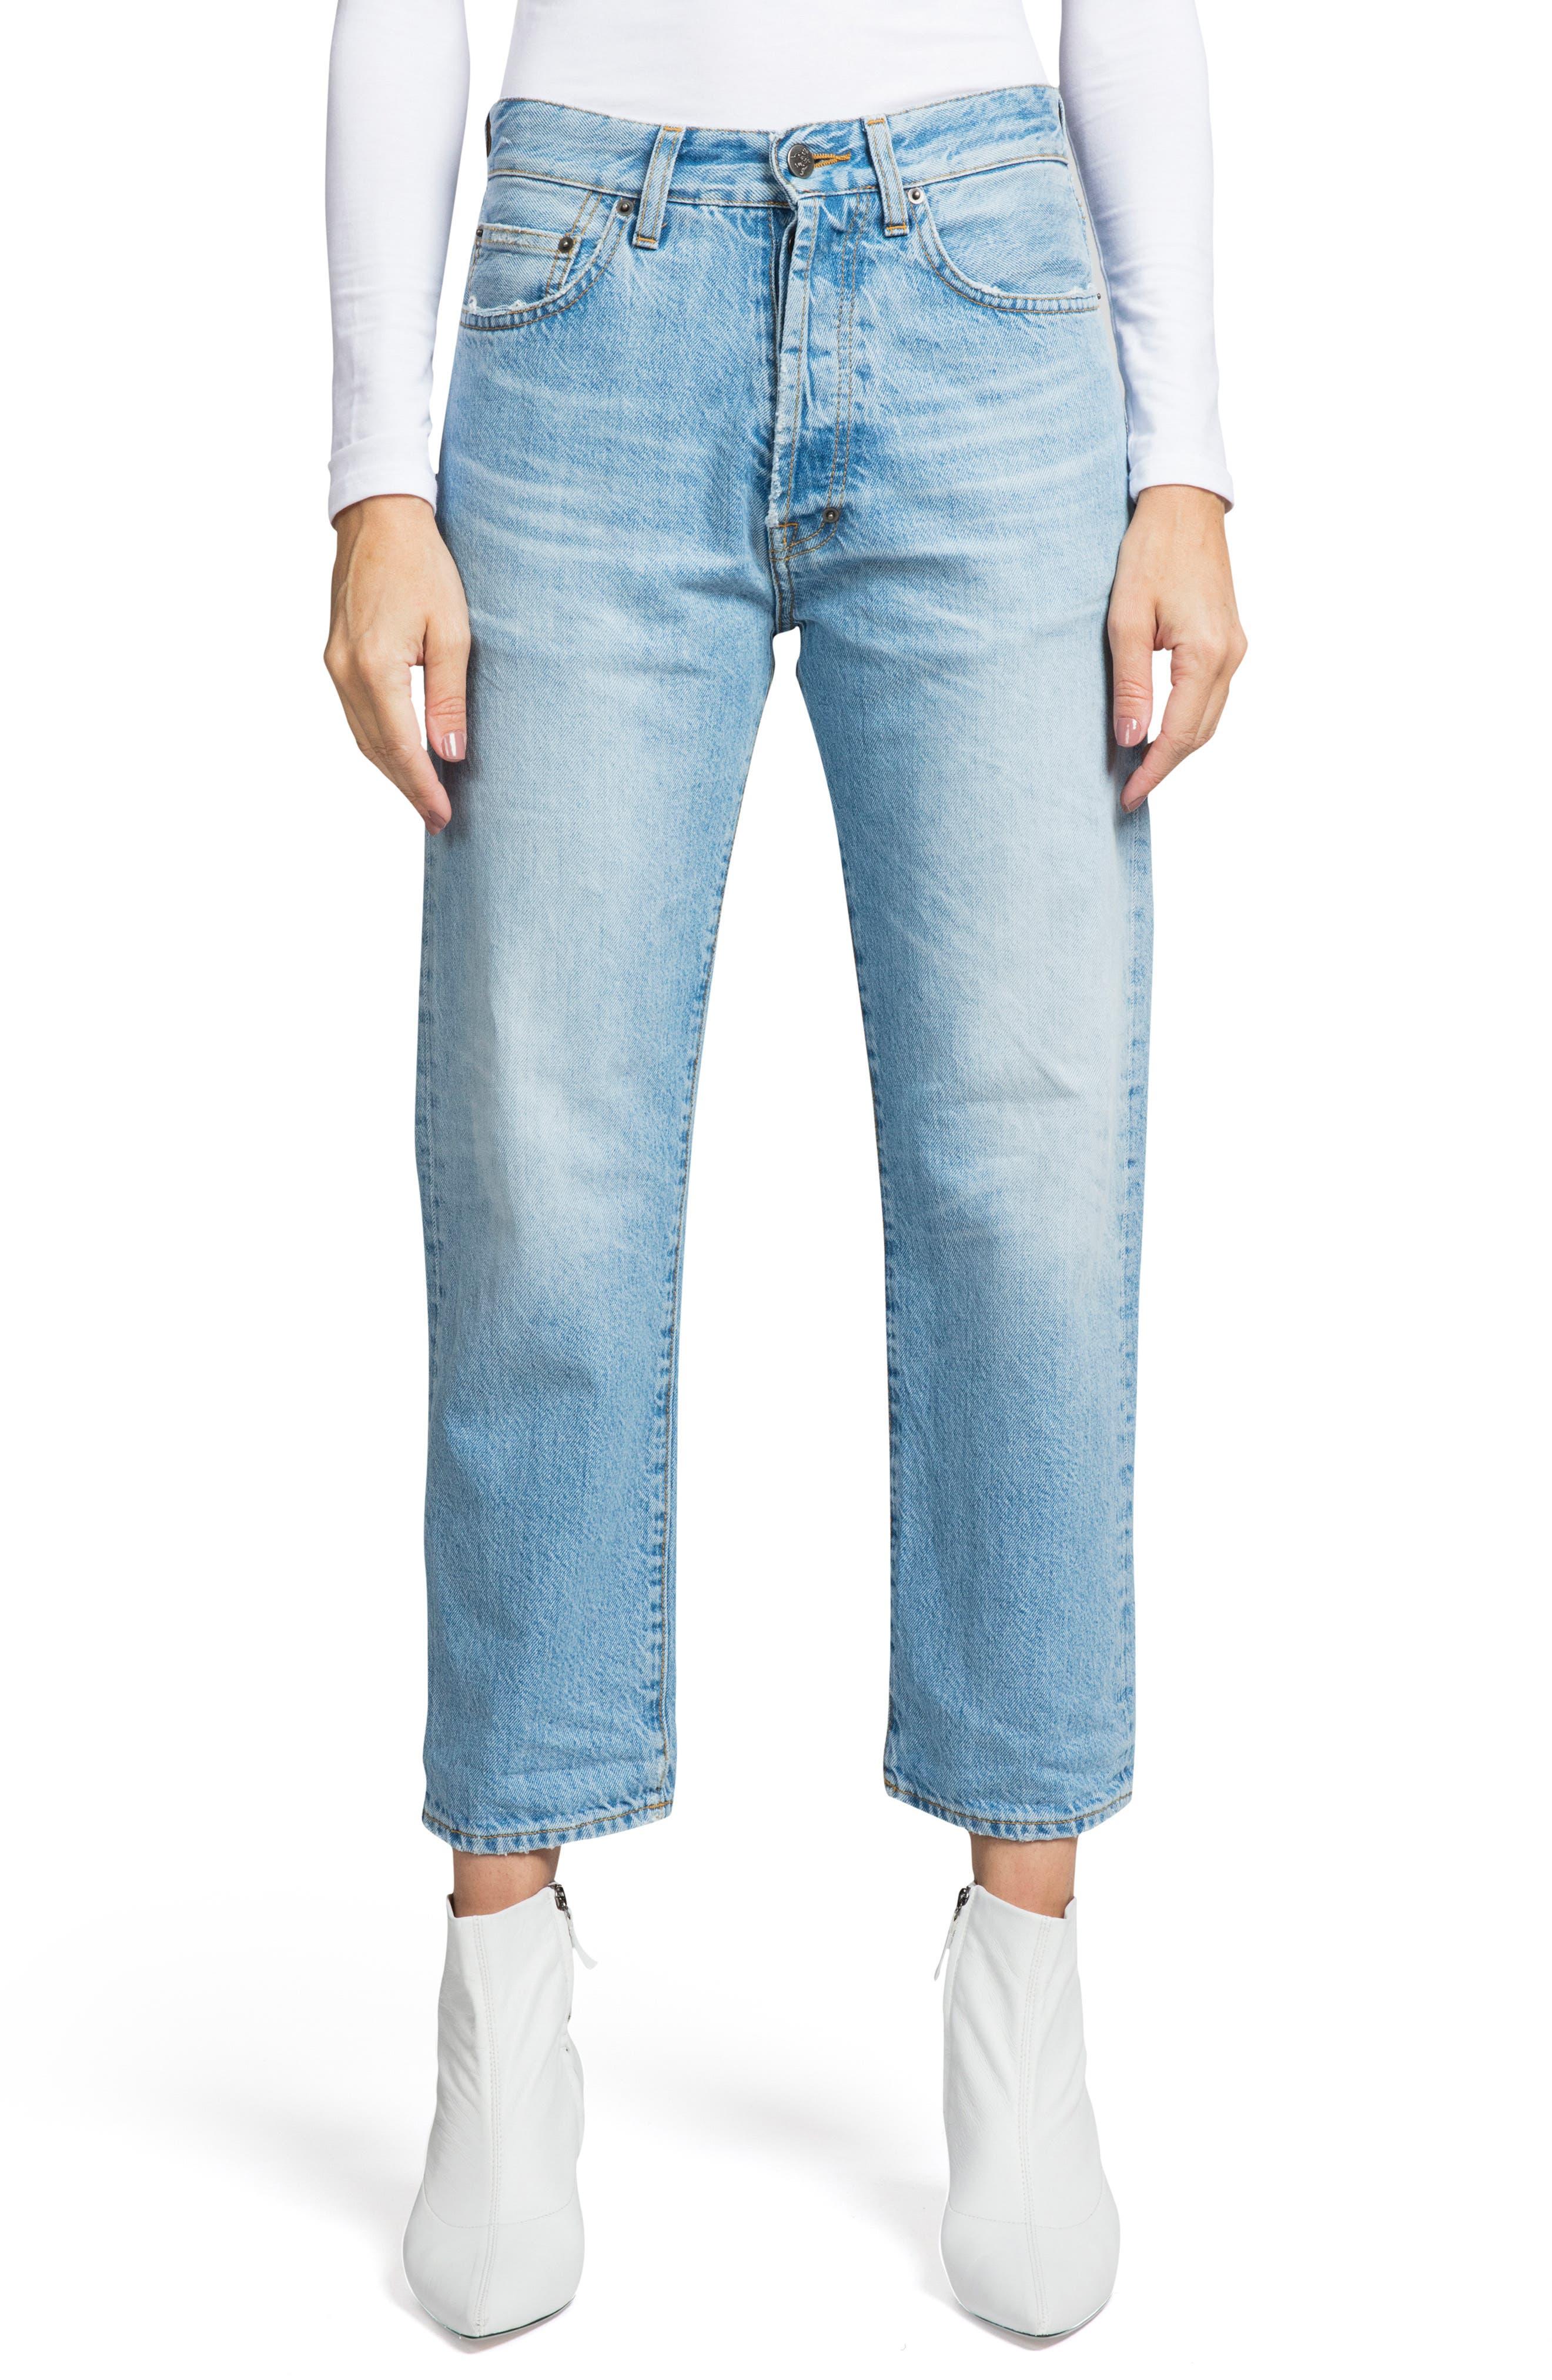 PRPS Super Relaxed Crop Straight-Leg Boyfriend Jeans in Light Indigo